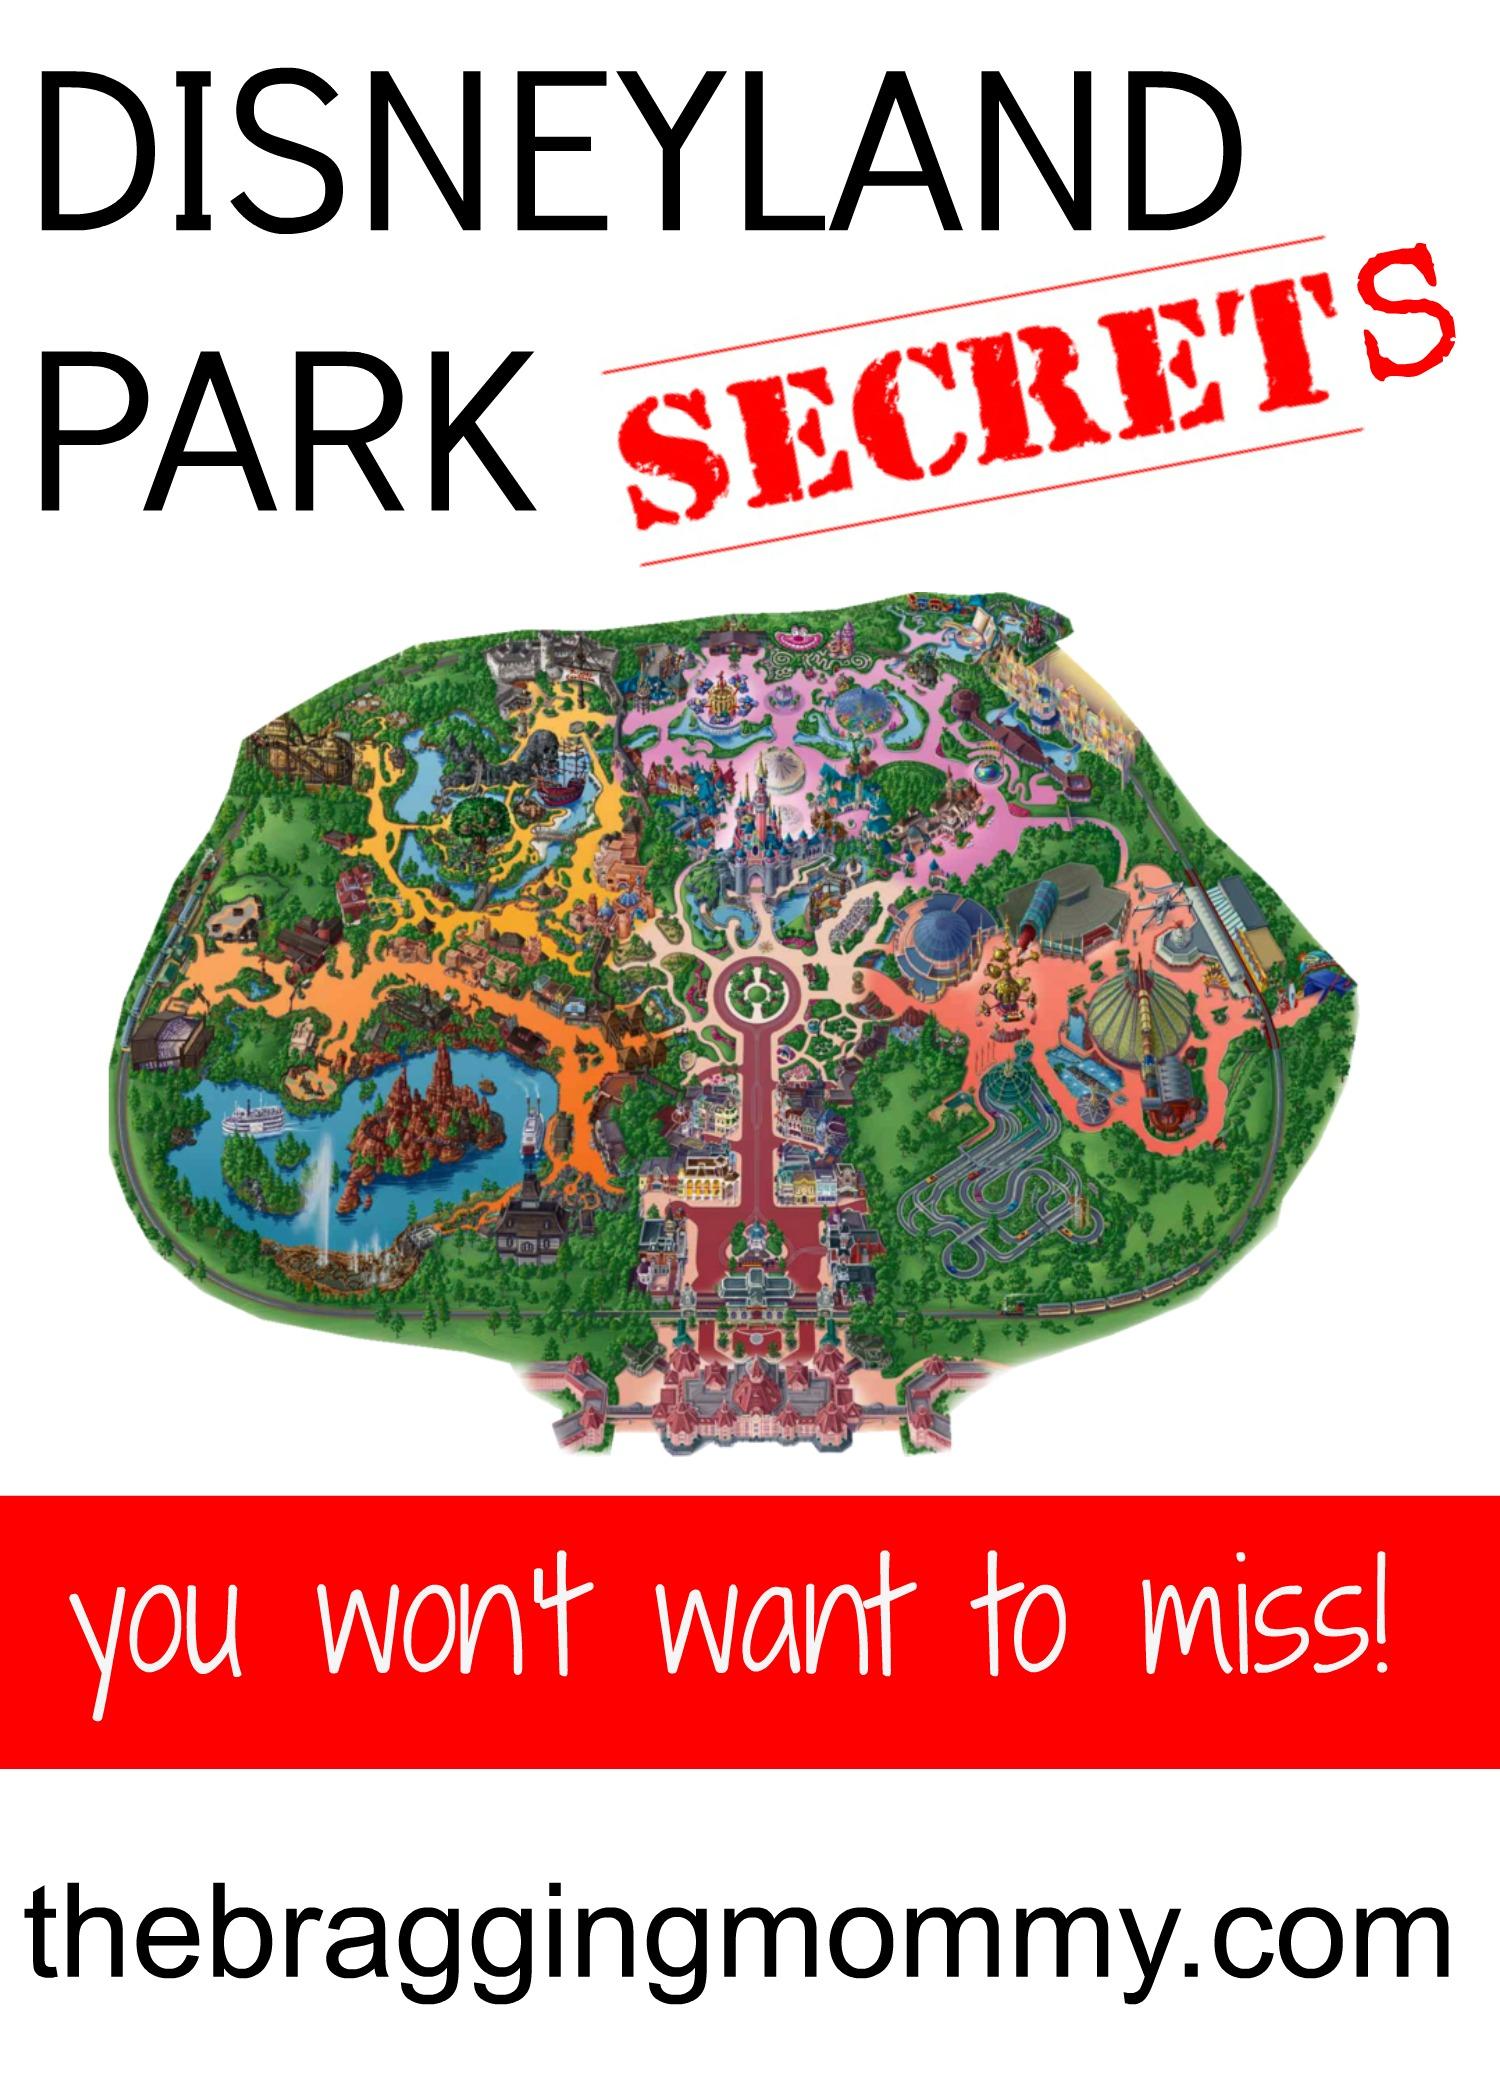 disneyland park secrets thebraggingmommy